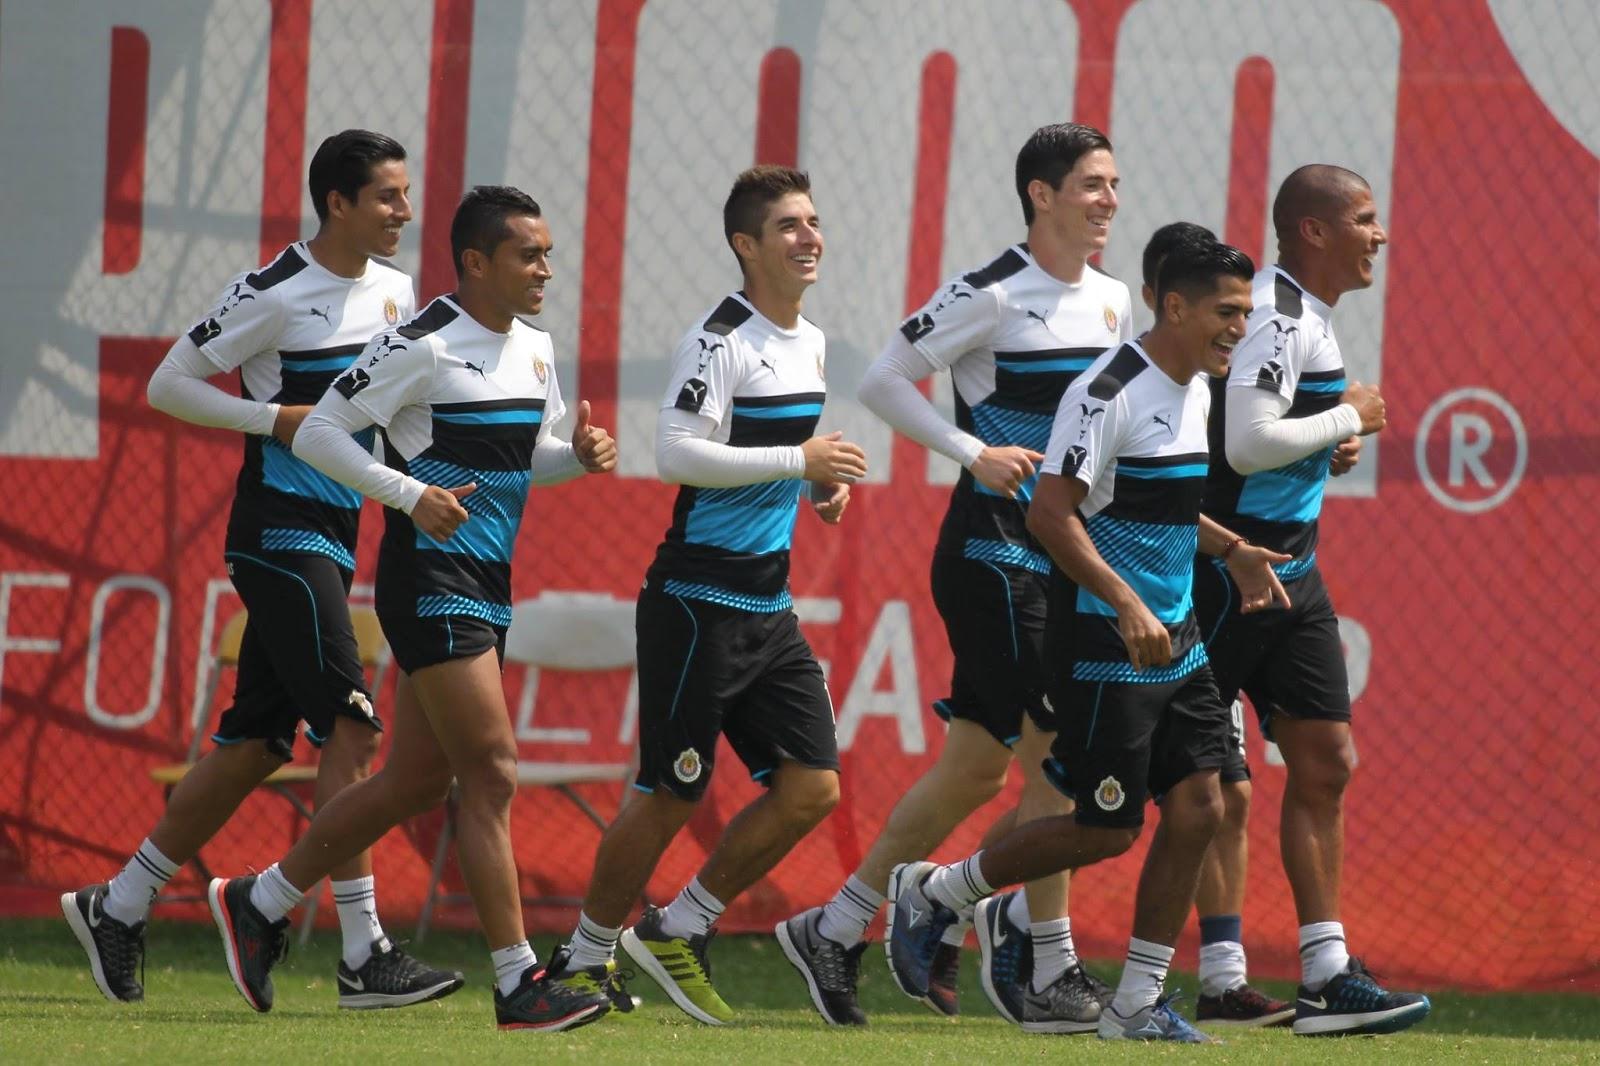 Jugadores de Chivas en el entrenamiento.